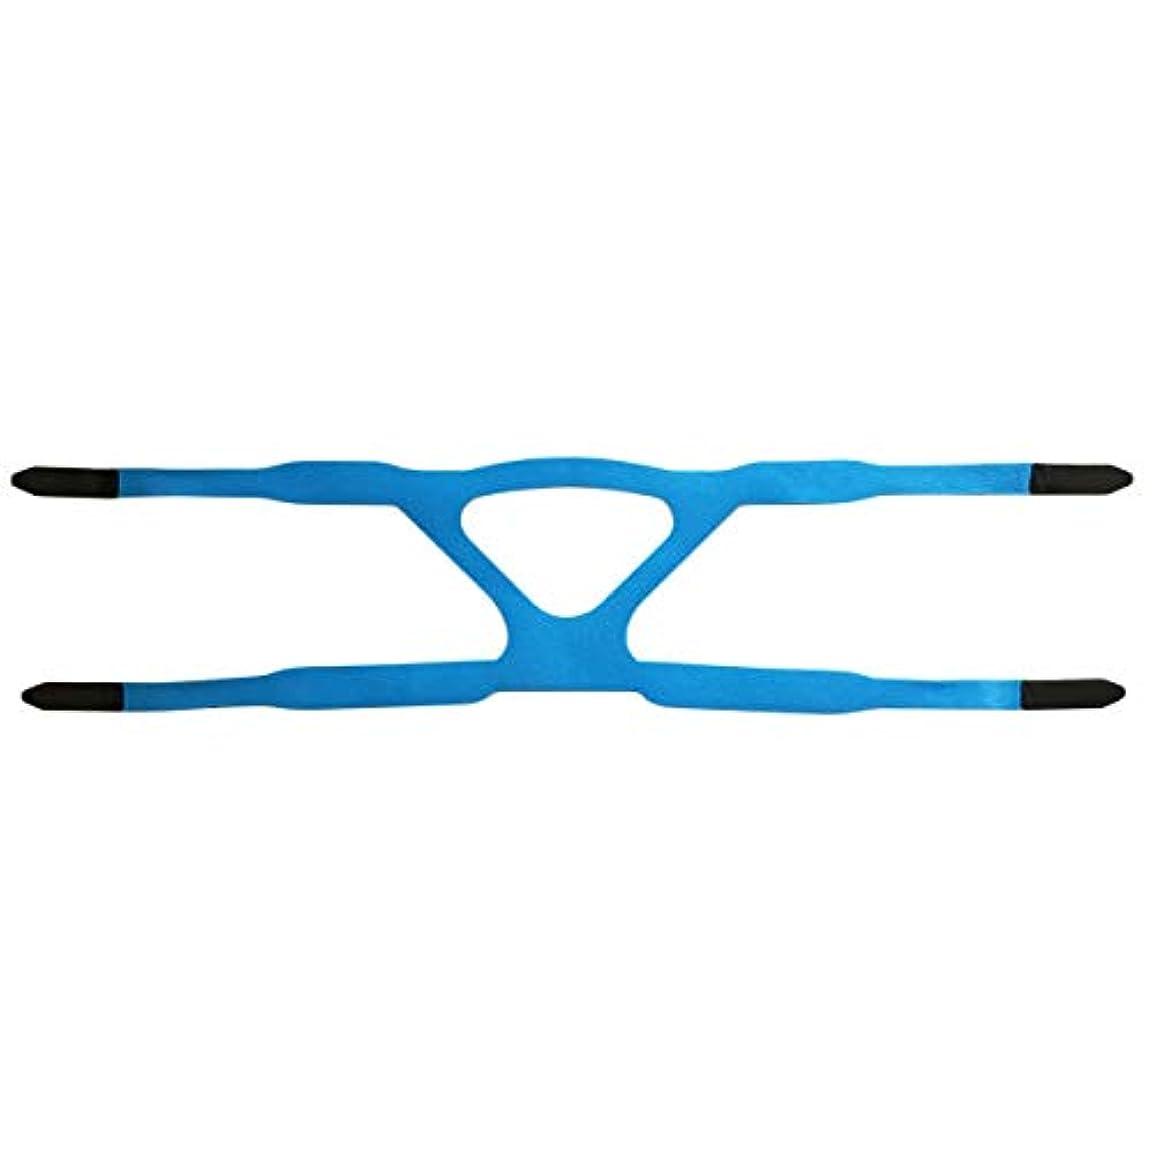 代名詞プラカード包括的ユニバーサルヘッドギアコンフォートジェルフルマスク安全な環境置換CPAPヘッドバンドマスクなしPHILPSに適しています(色:青&グレー)